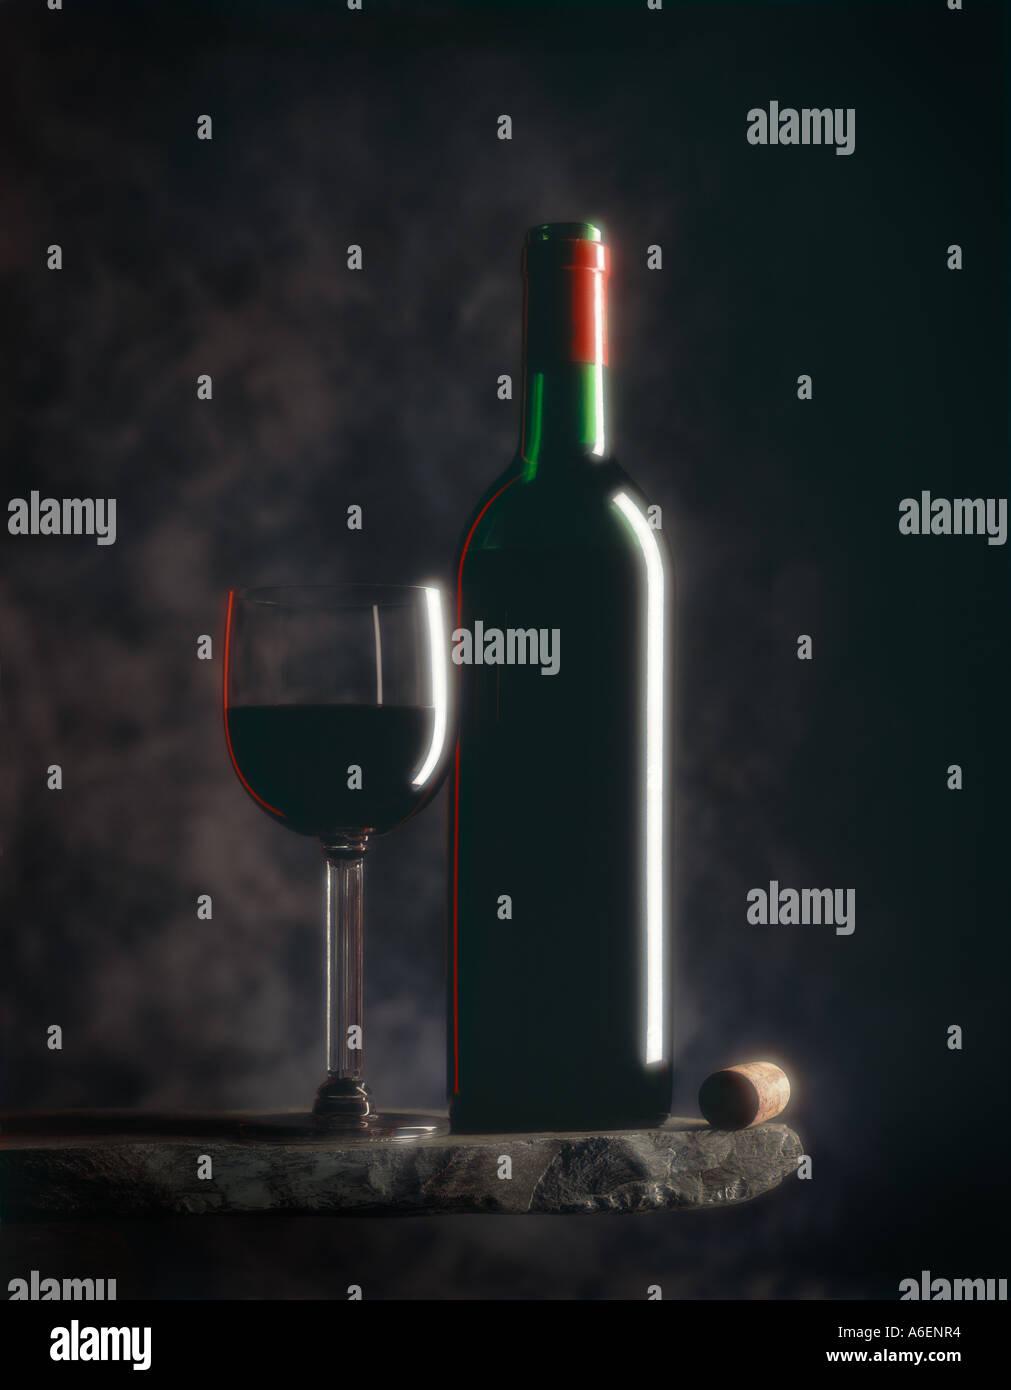 Bodegón fotografía de una botella de vino rojo y vidrio Imagen De Stock